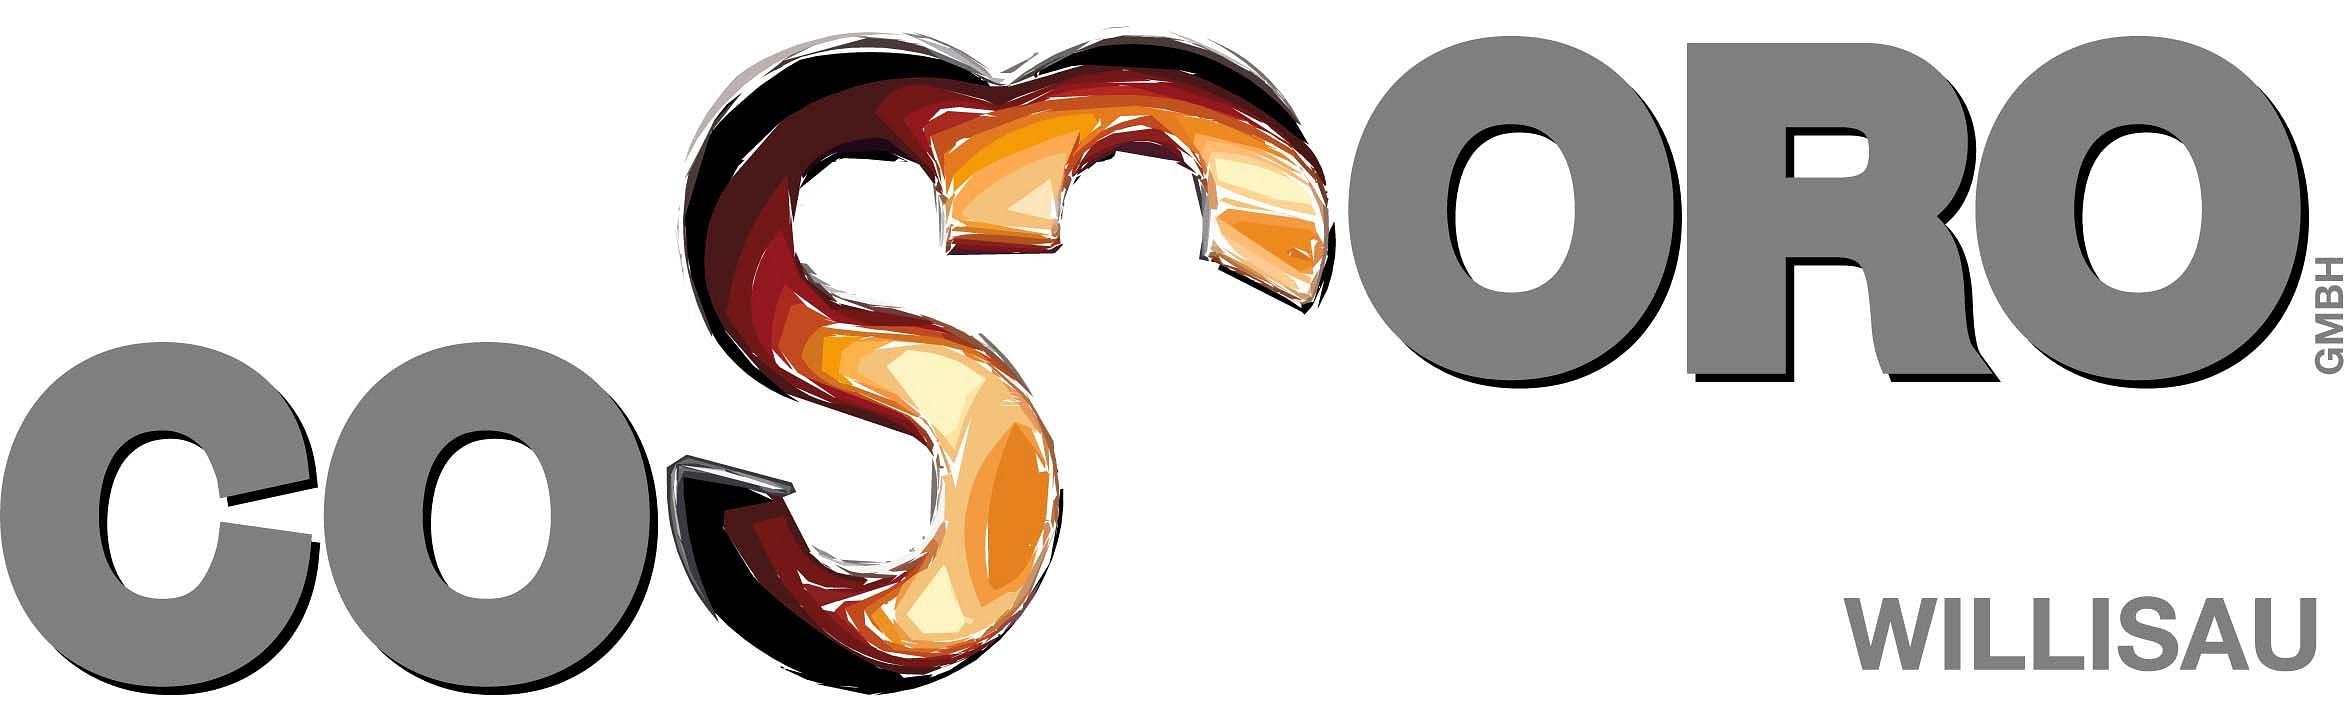 cosmoro GmbH